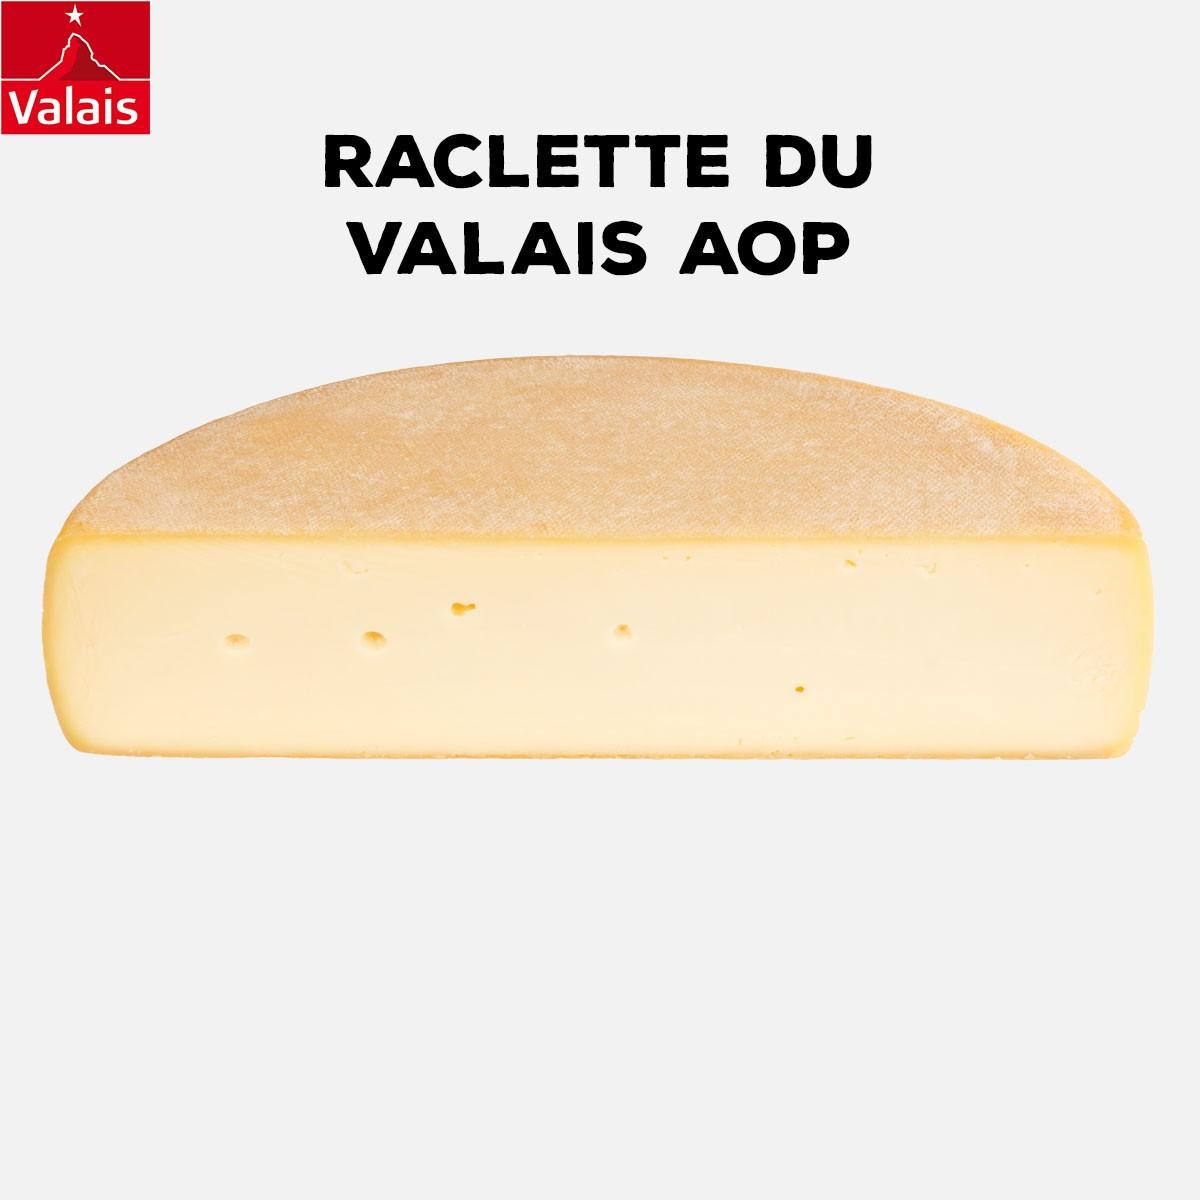 Raclette du valais AOP | 1/2 Meule